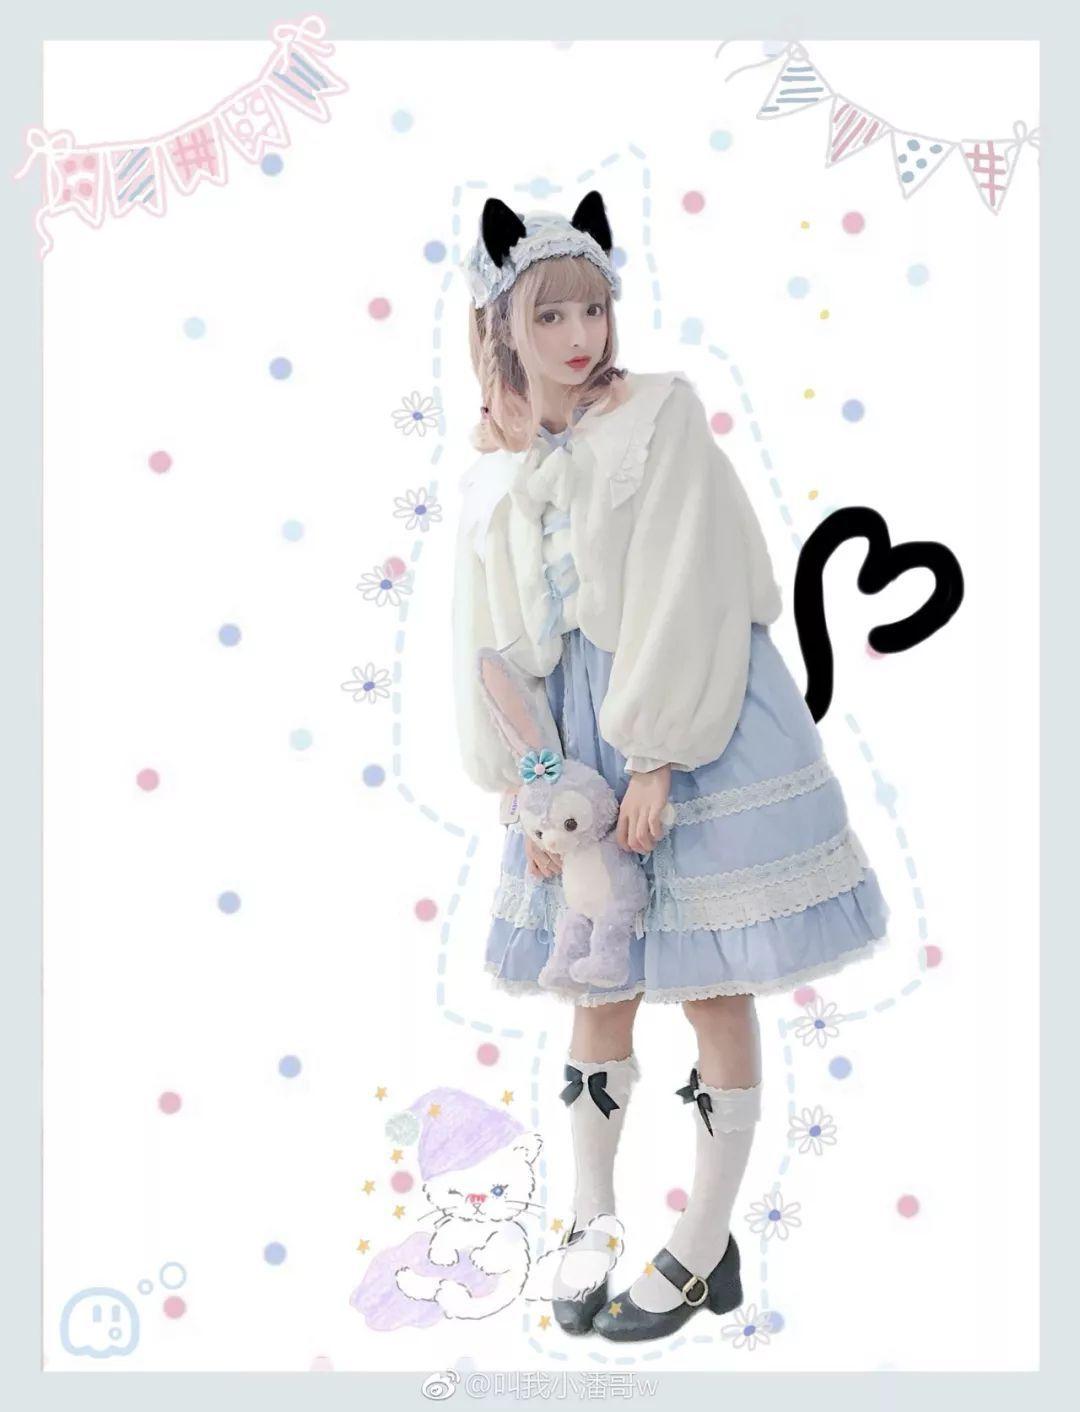 妹子摄影 – Lolita猫耳娘少女,精致的小公主_图片 No.1